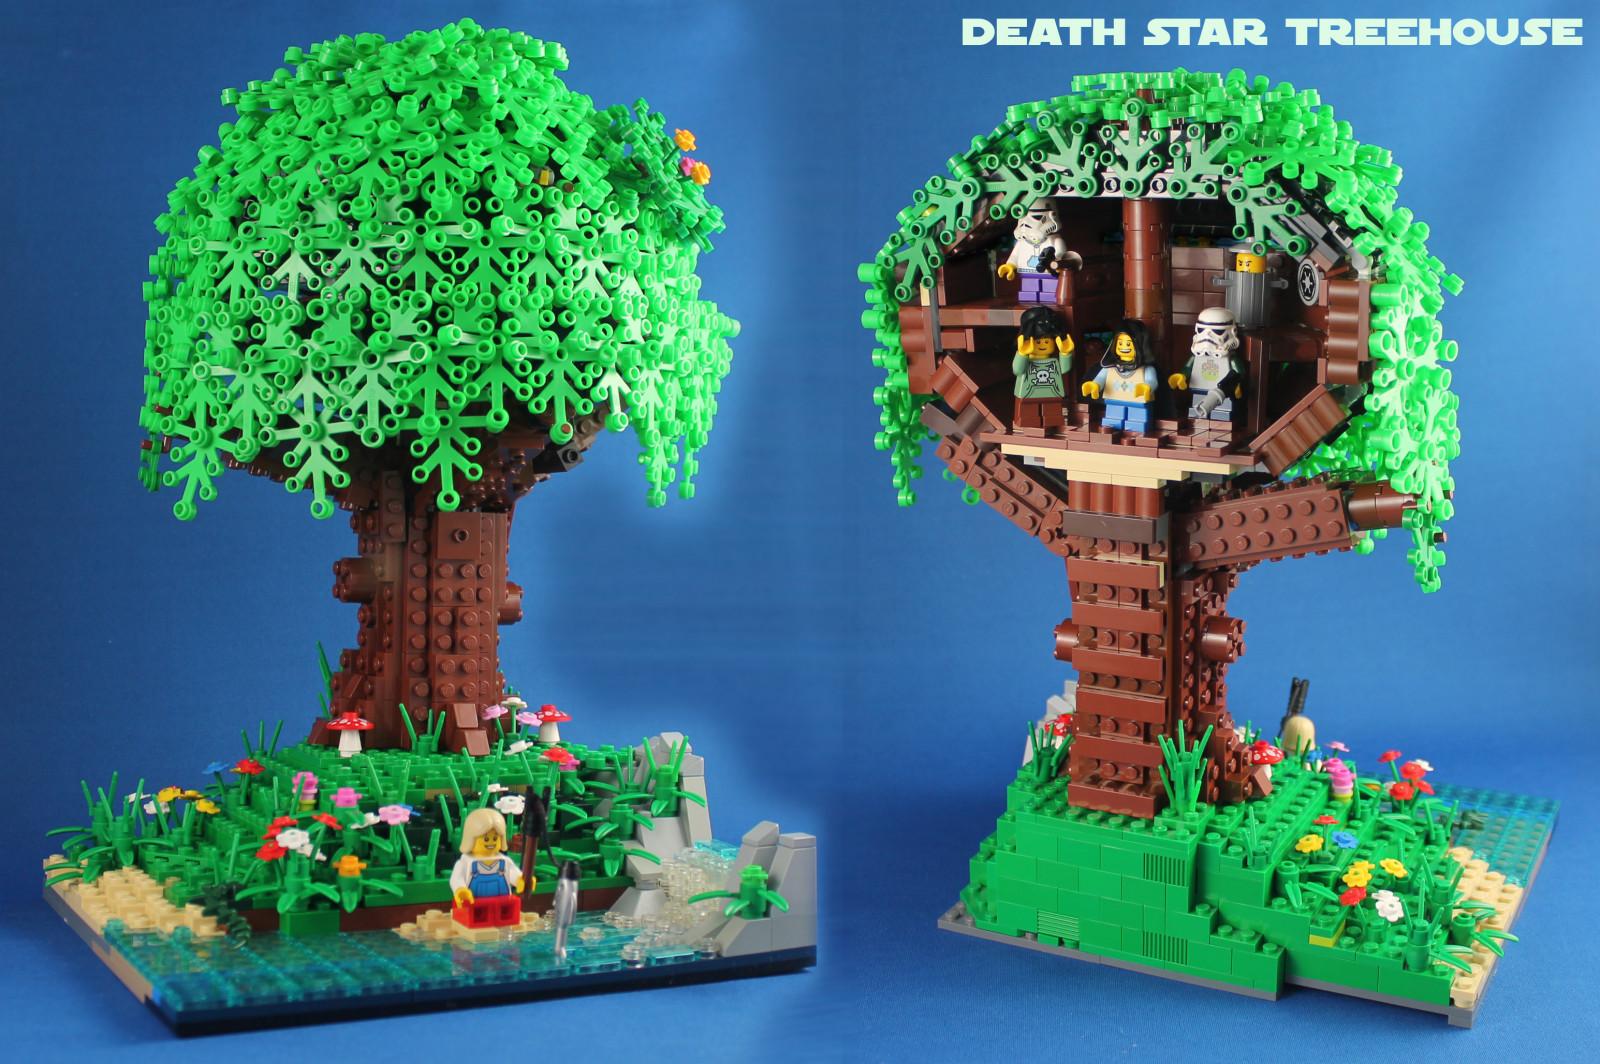 wallpaper  lego moc star wars death tree leaf